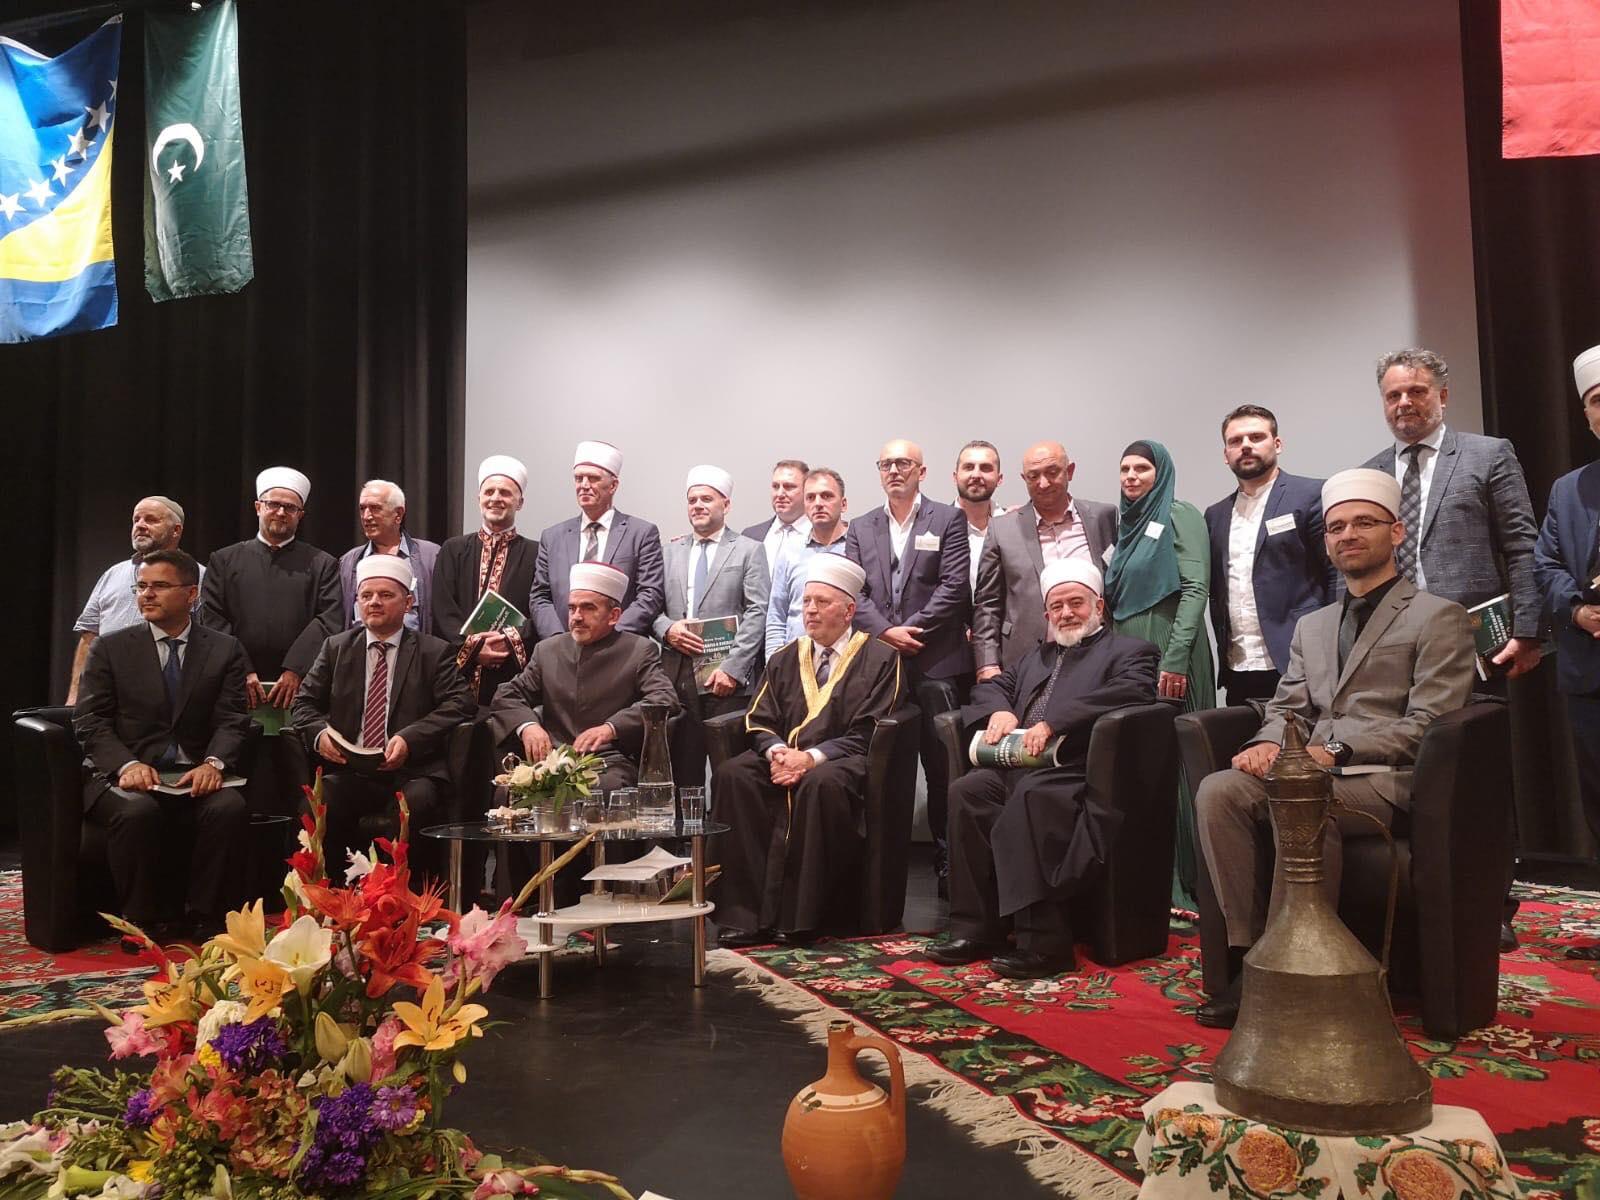 Myftiu i Tiranës merr pjesë në 40-vjetorin e Xhamisë Boshnjako-Shqiptare në Frankfurt